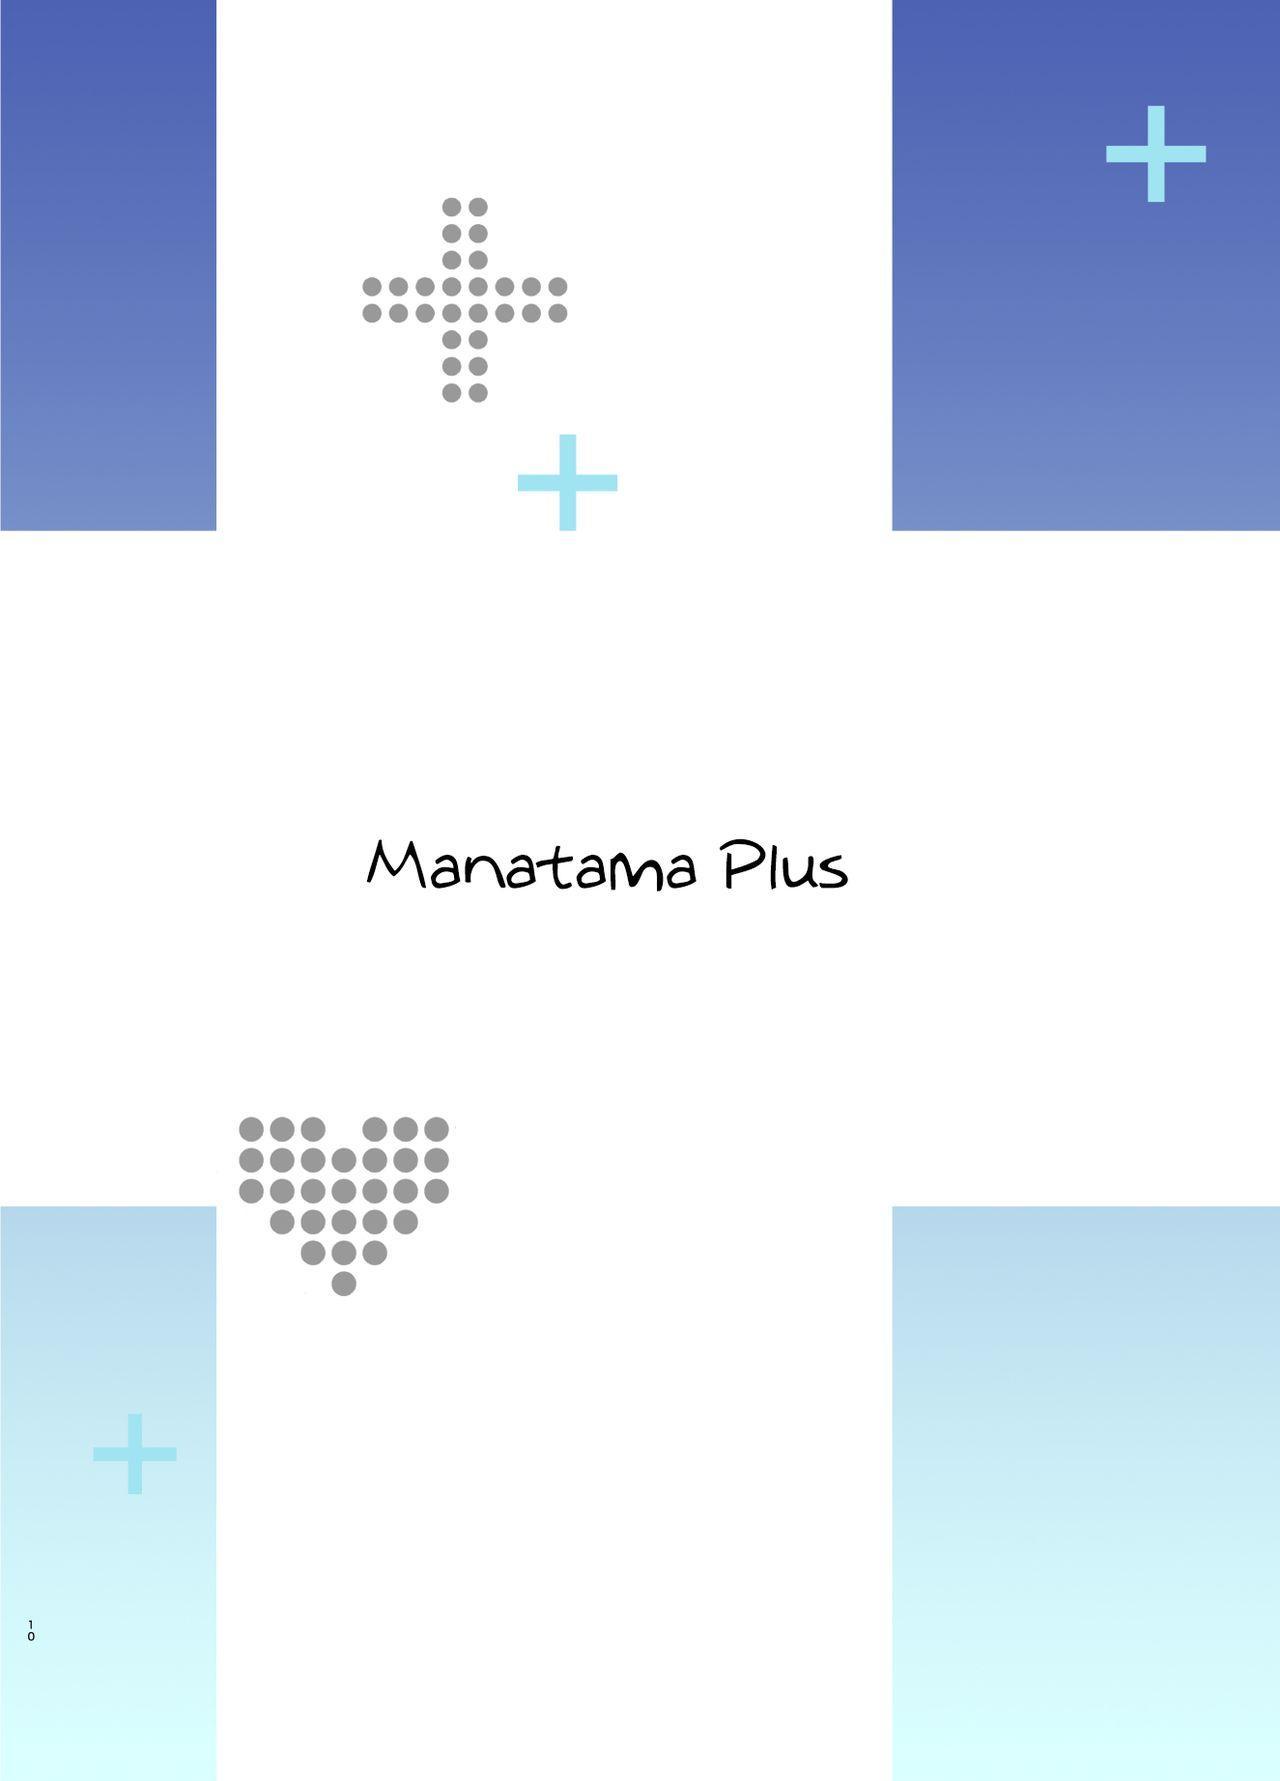 Manatama Plus Kakioroshi | Manatama Plus Extra 23